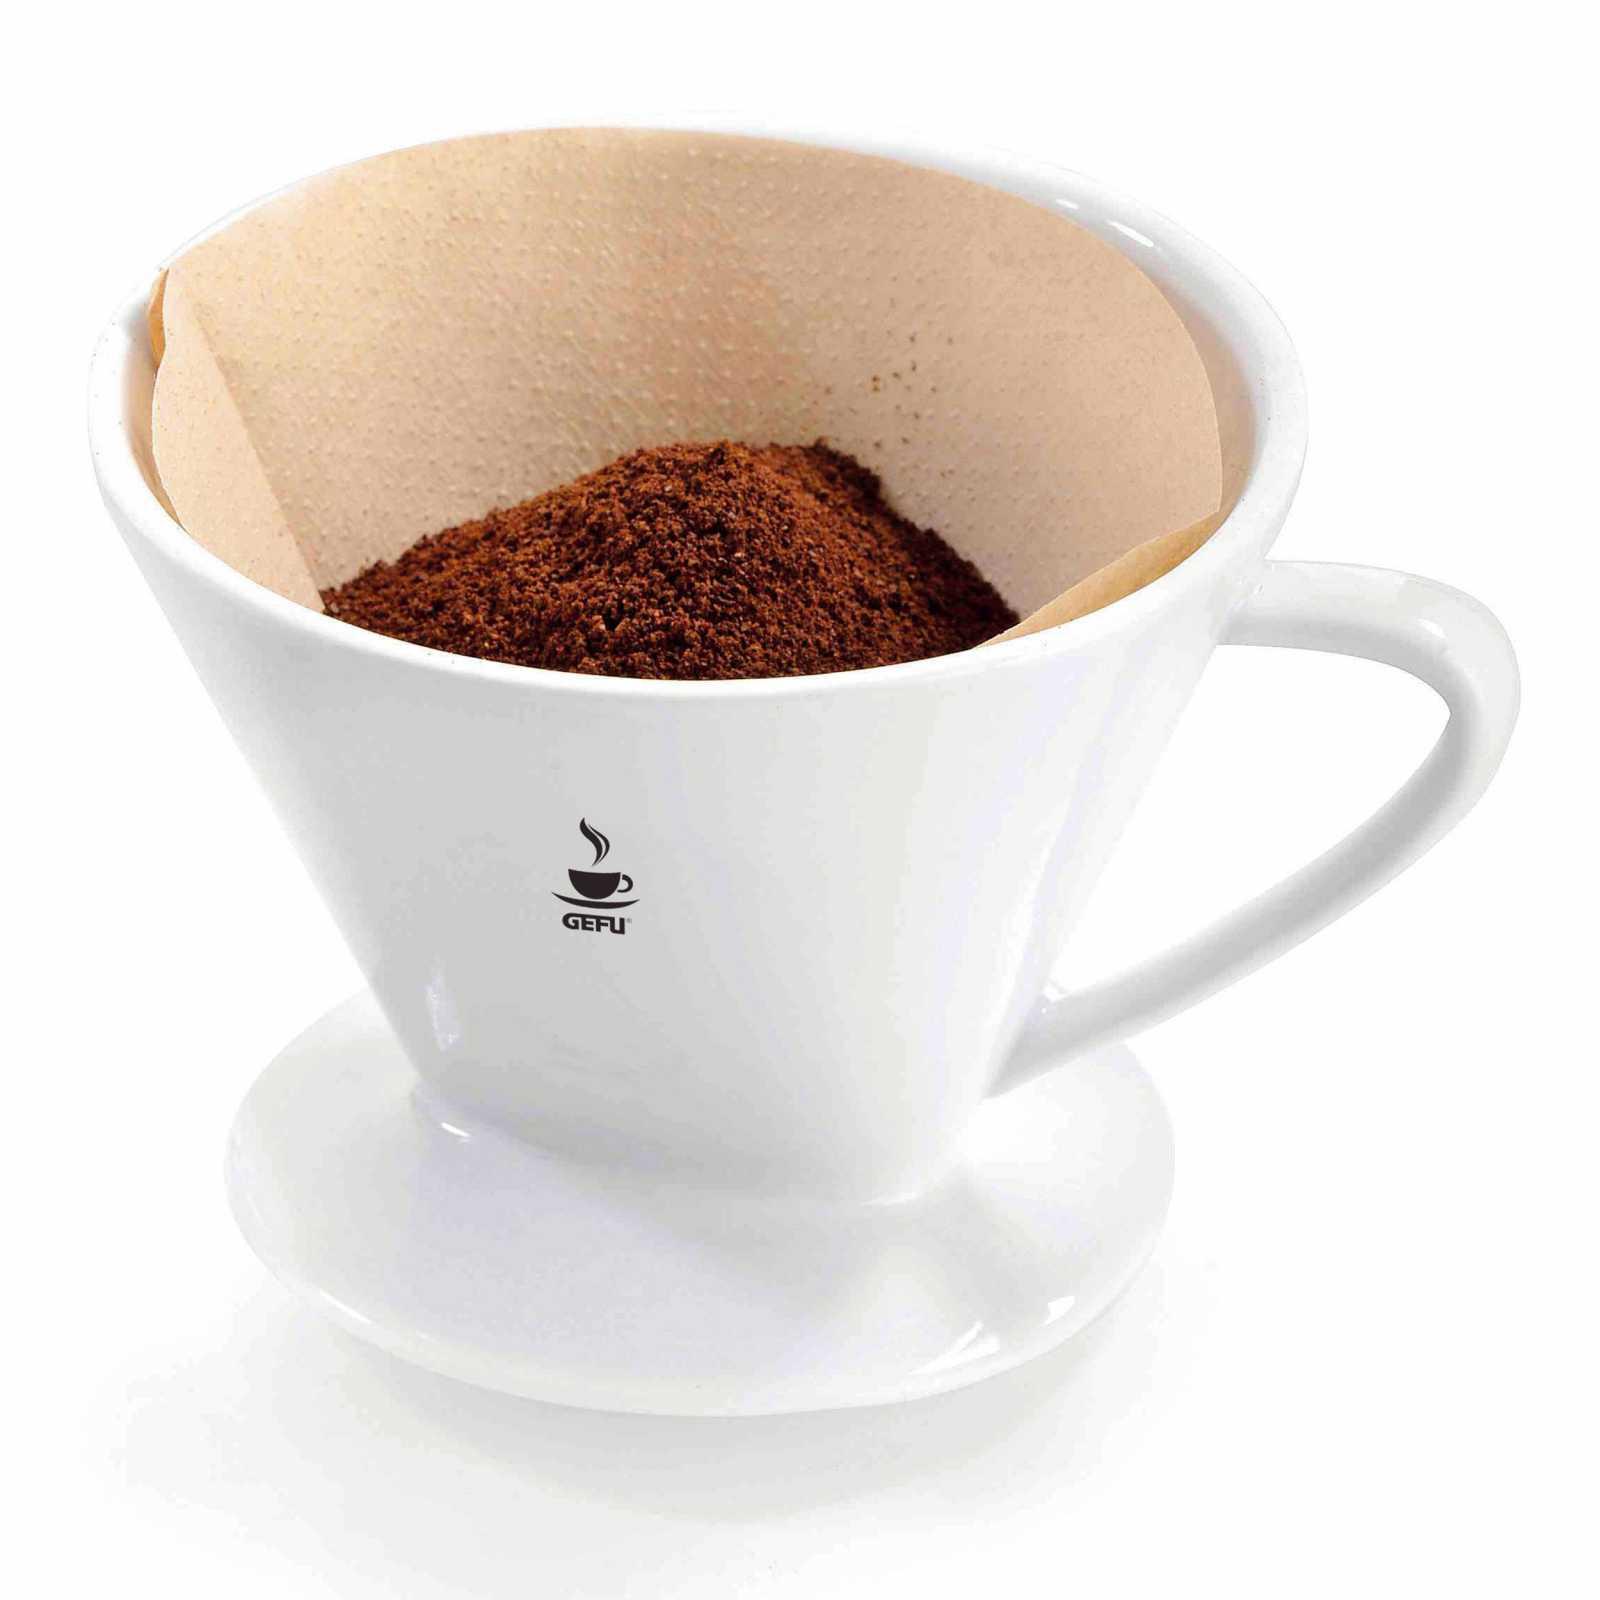 Онлайн каталог PROMENU: Фильтр фарфоровый для кофе GEFU, размер 2, белый GEFU 16030